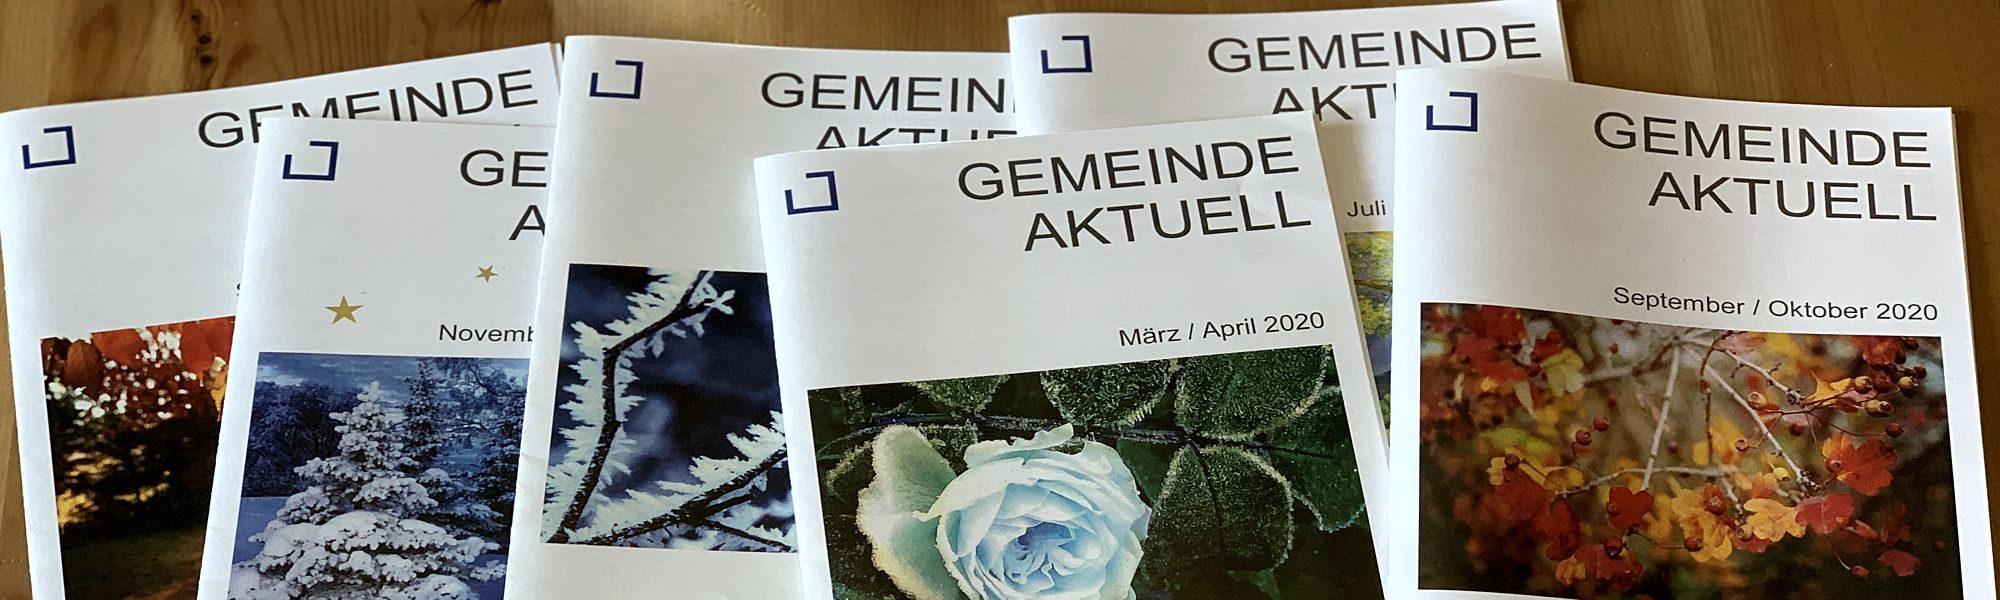 Freie evangelische Gemeinde Wuppertal Barmen - Gemeindebrief